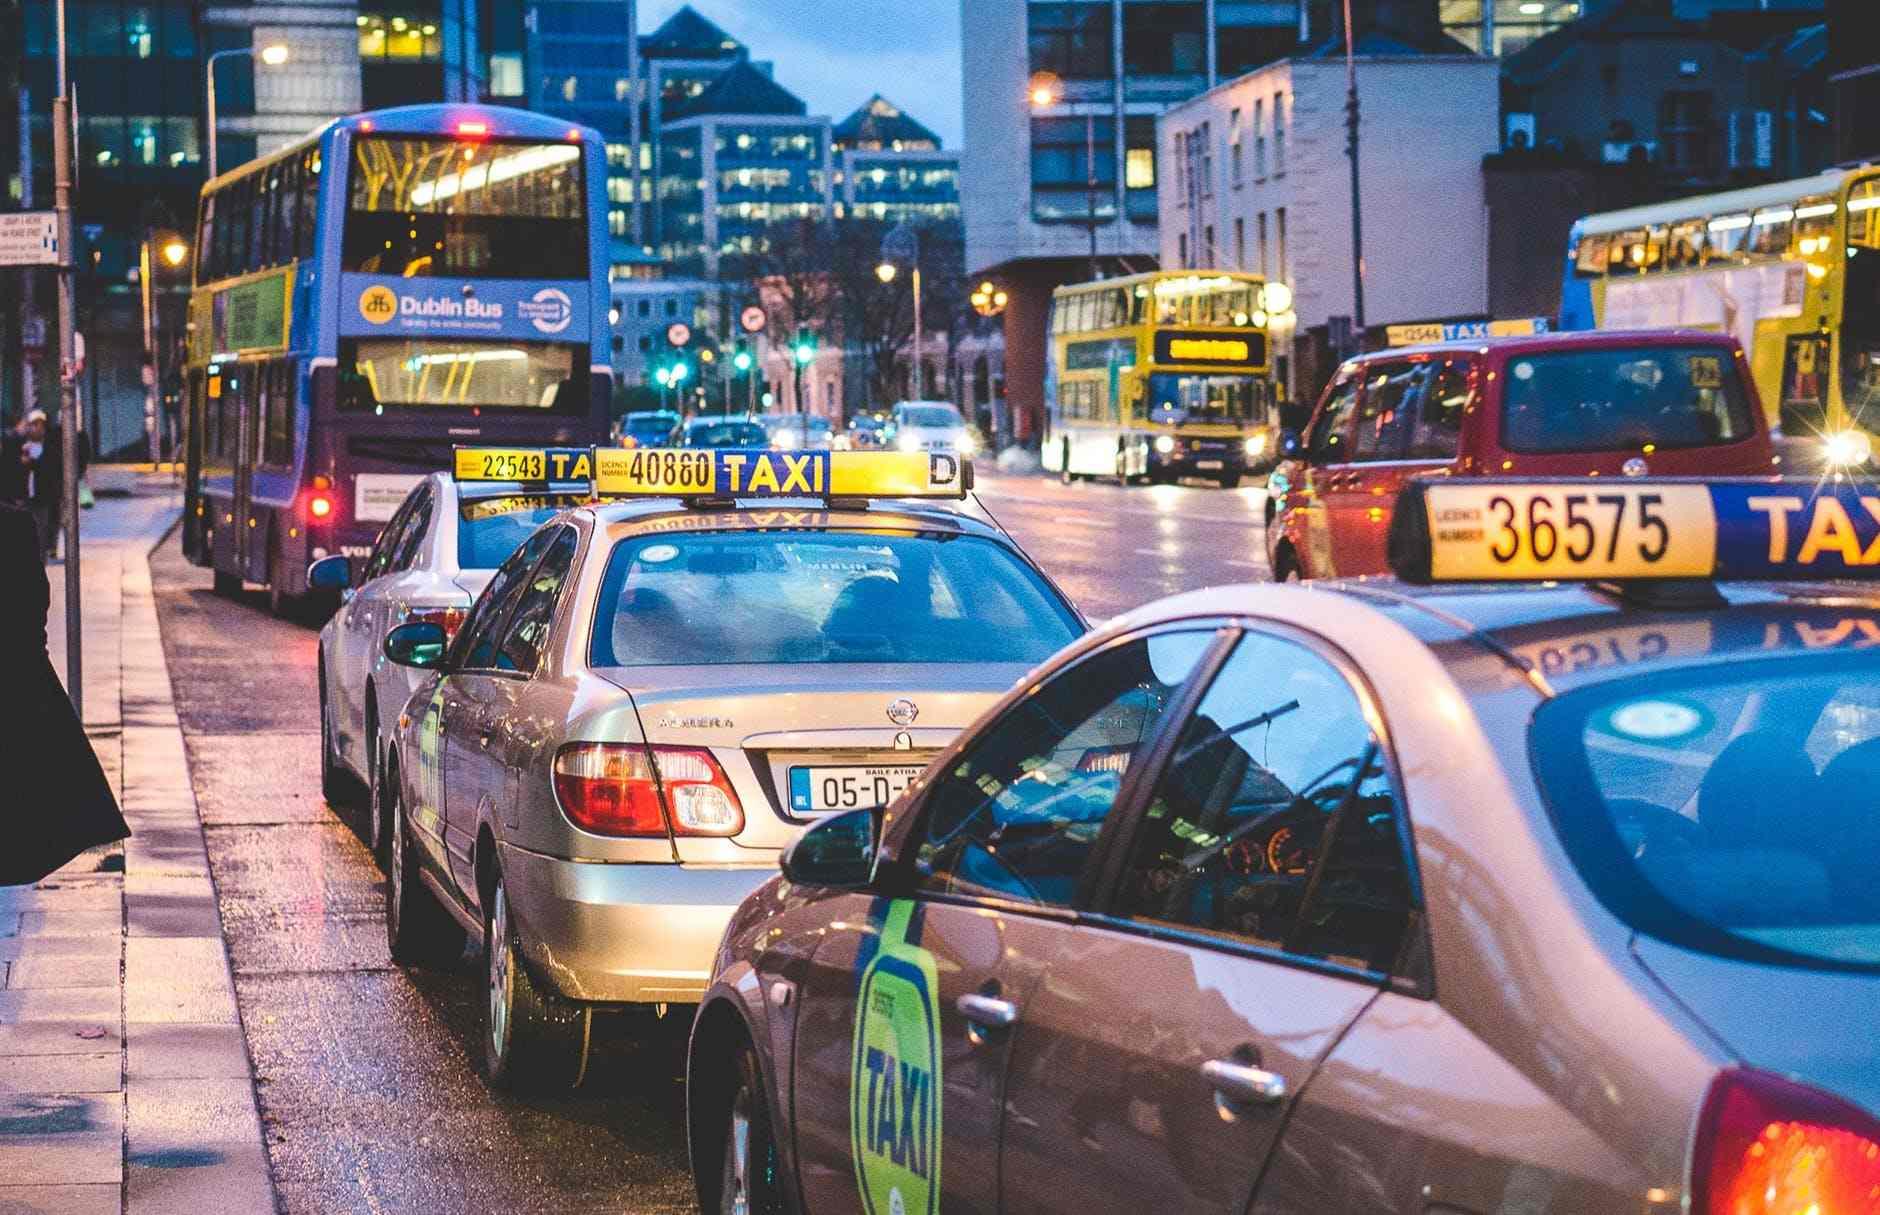 直至目前如果接獲計程車拒載舉報,雖然各區廳會實行第一次處分,但處理率只有11.8%(2015~2017平均),而且每區適用標準不同,公平性問題備受質疑。